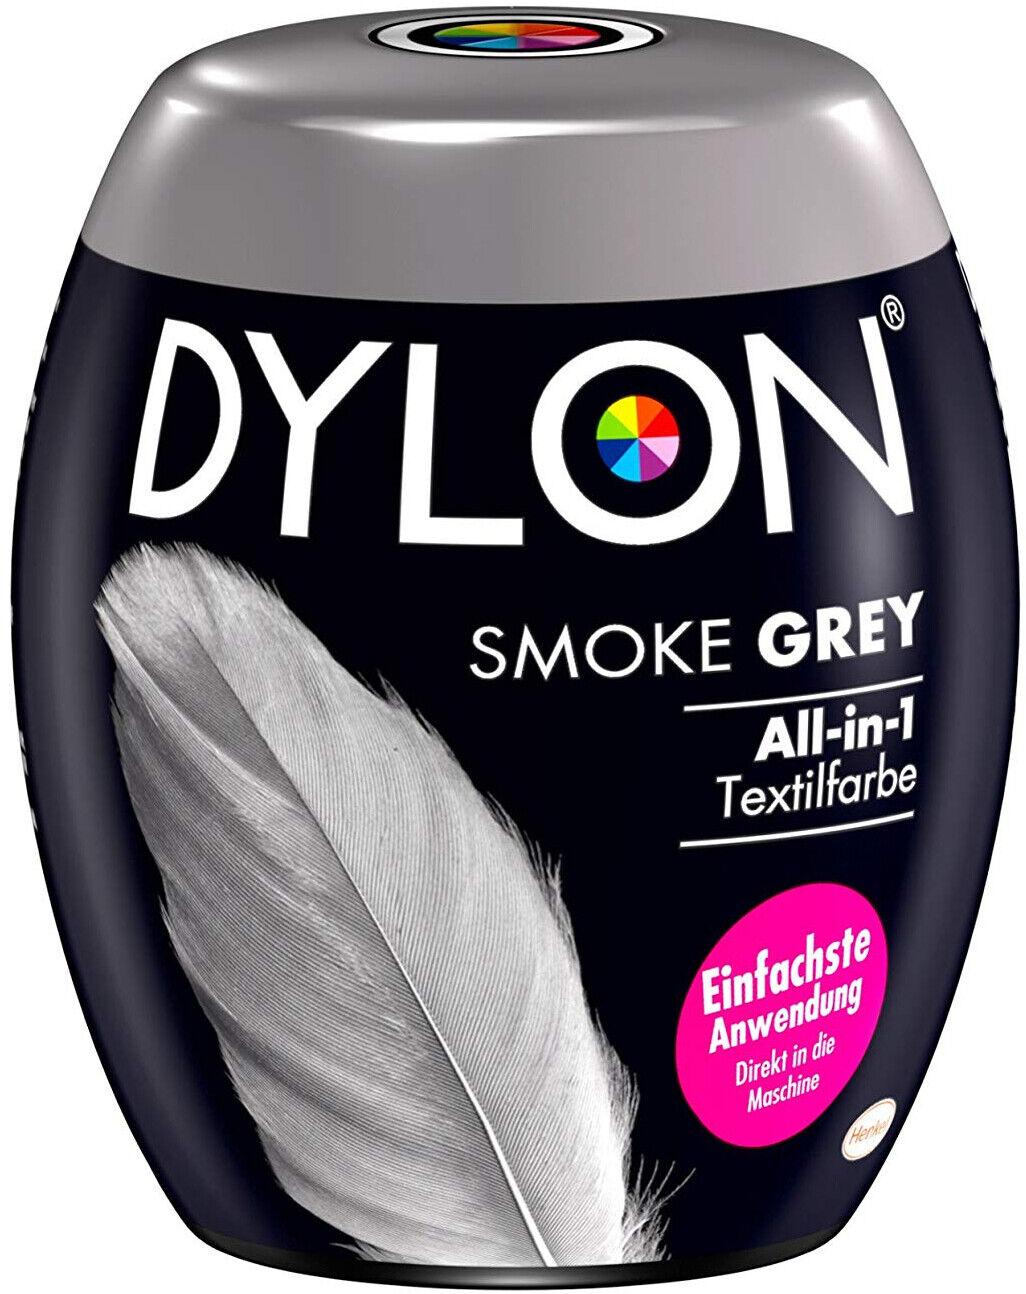 Dylon Smoke Grey AllIn1 Textilfarbe Umfärben in der Waschmaschine 350 g